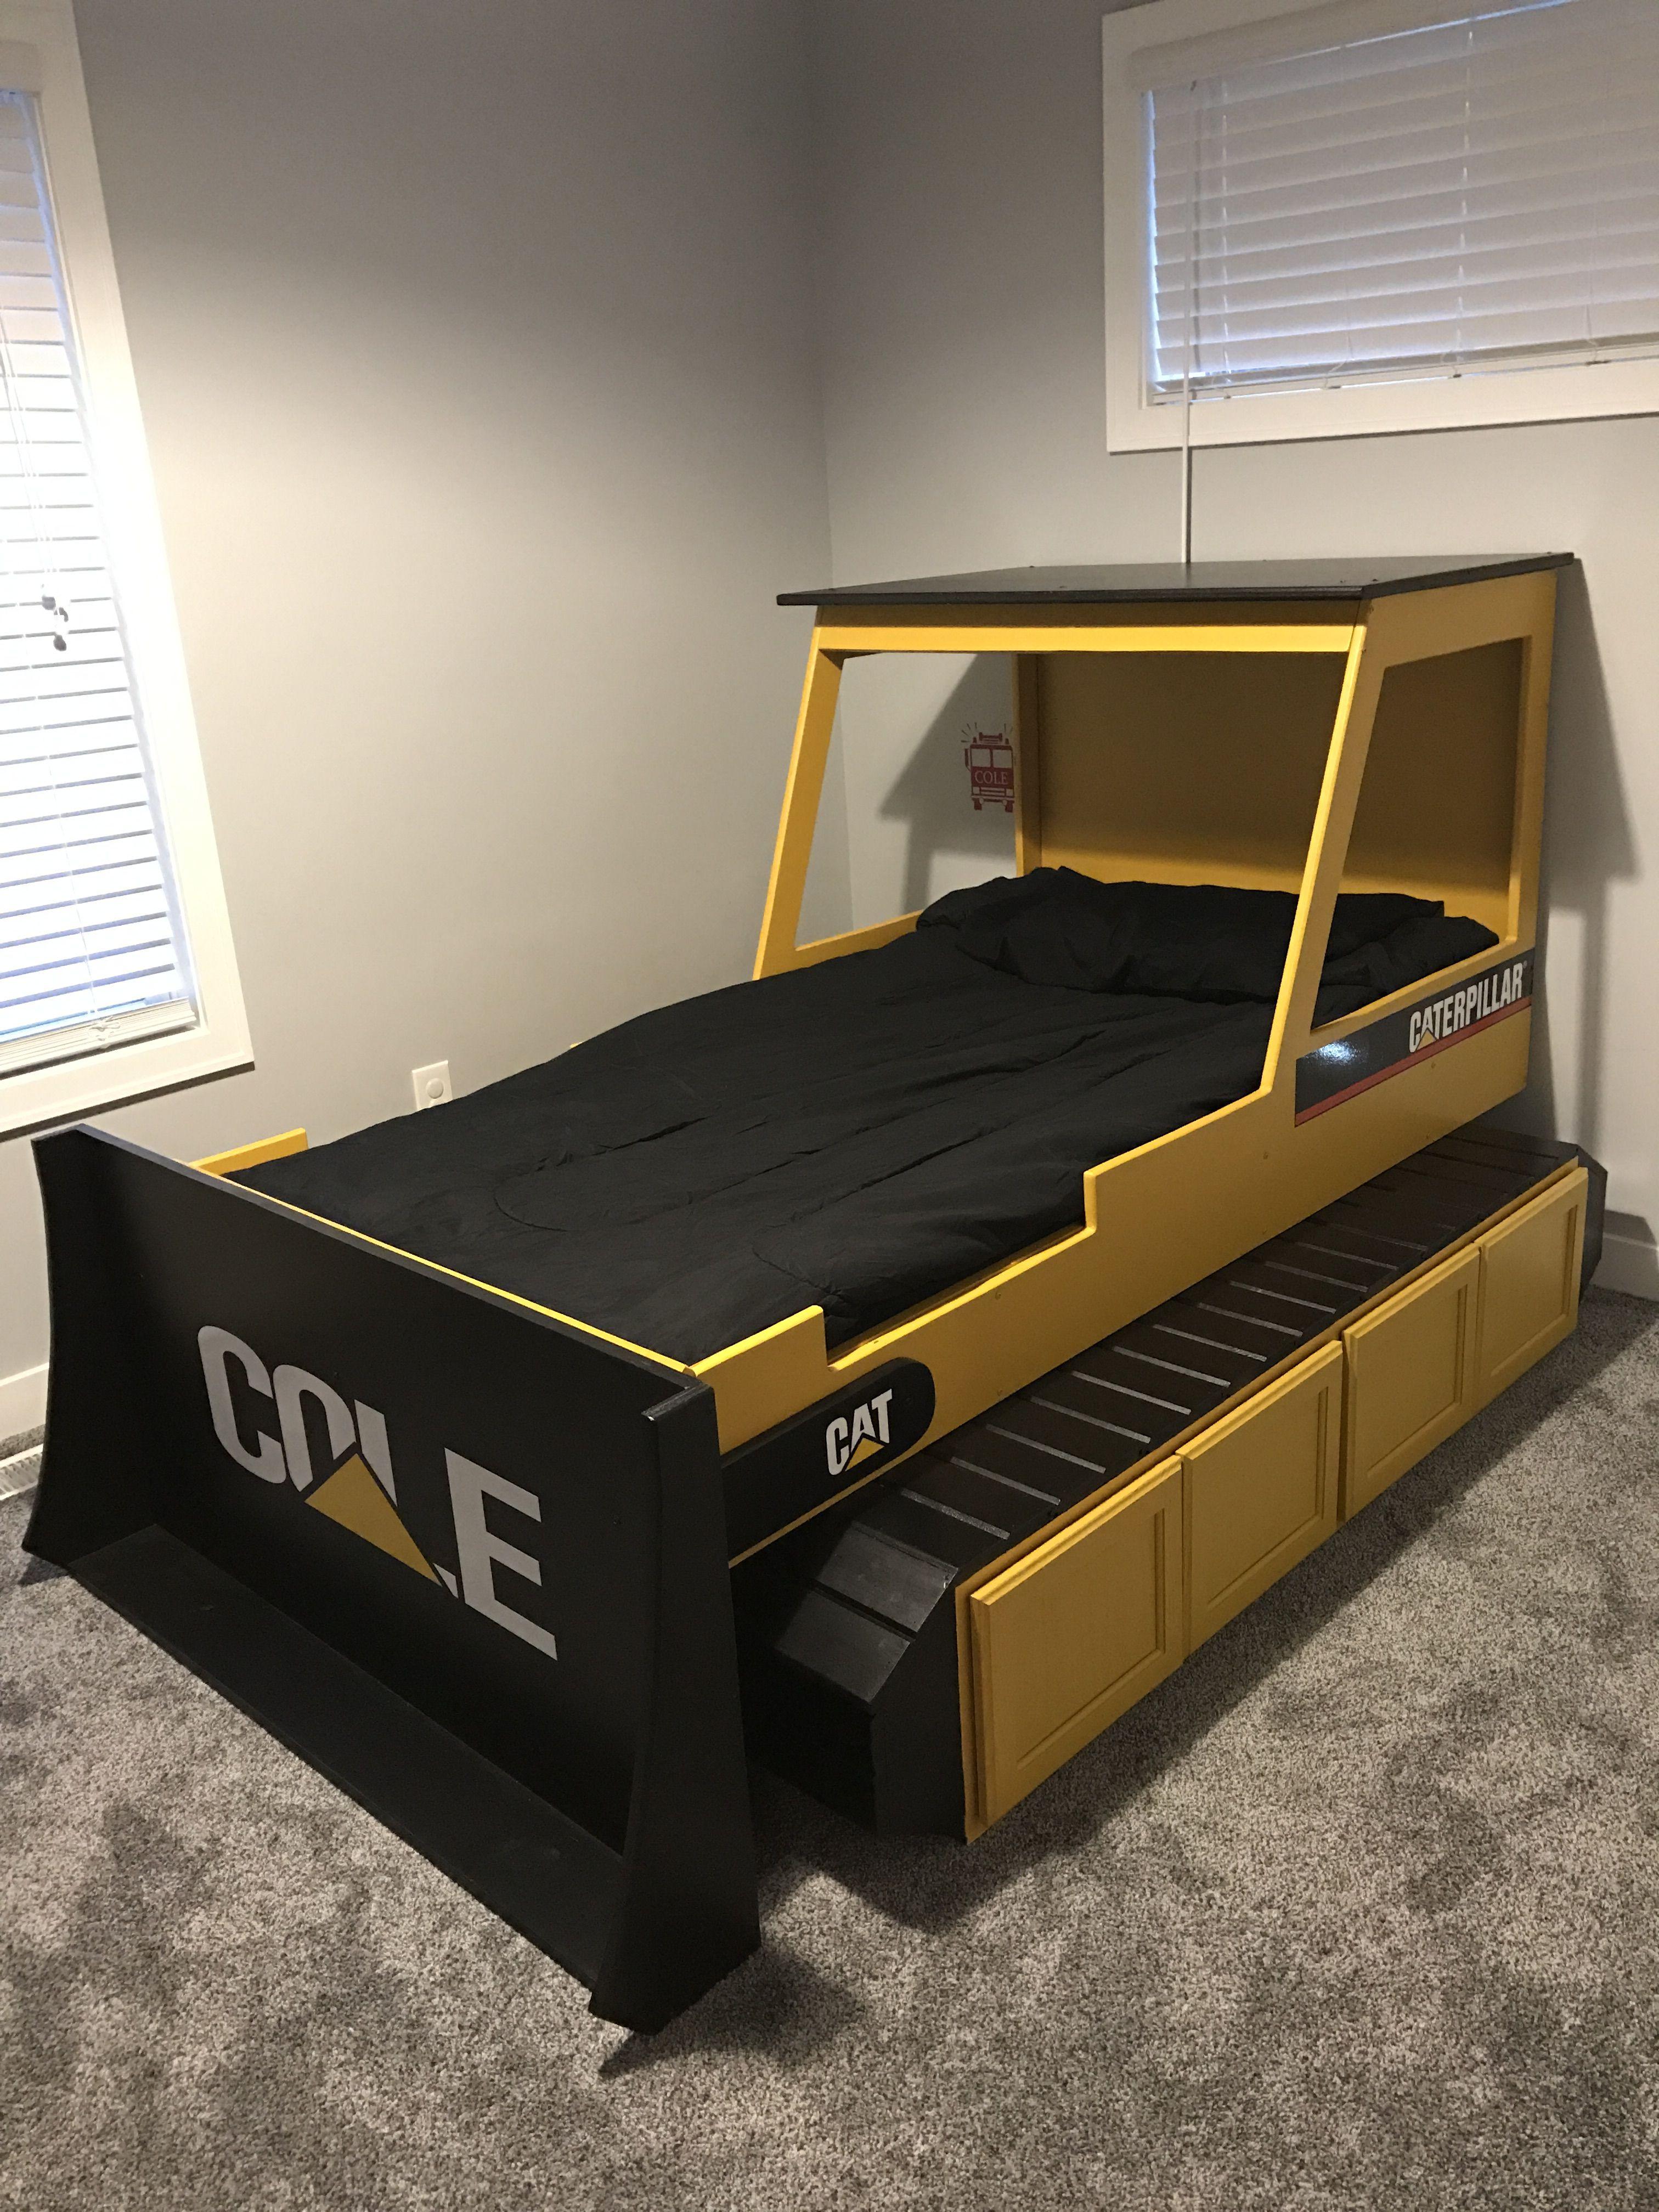 Twin Size Bulldozer Bed Schlafzimmerumbau Zimmer Moderne Zimmer